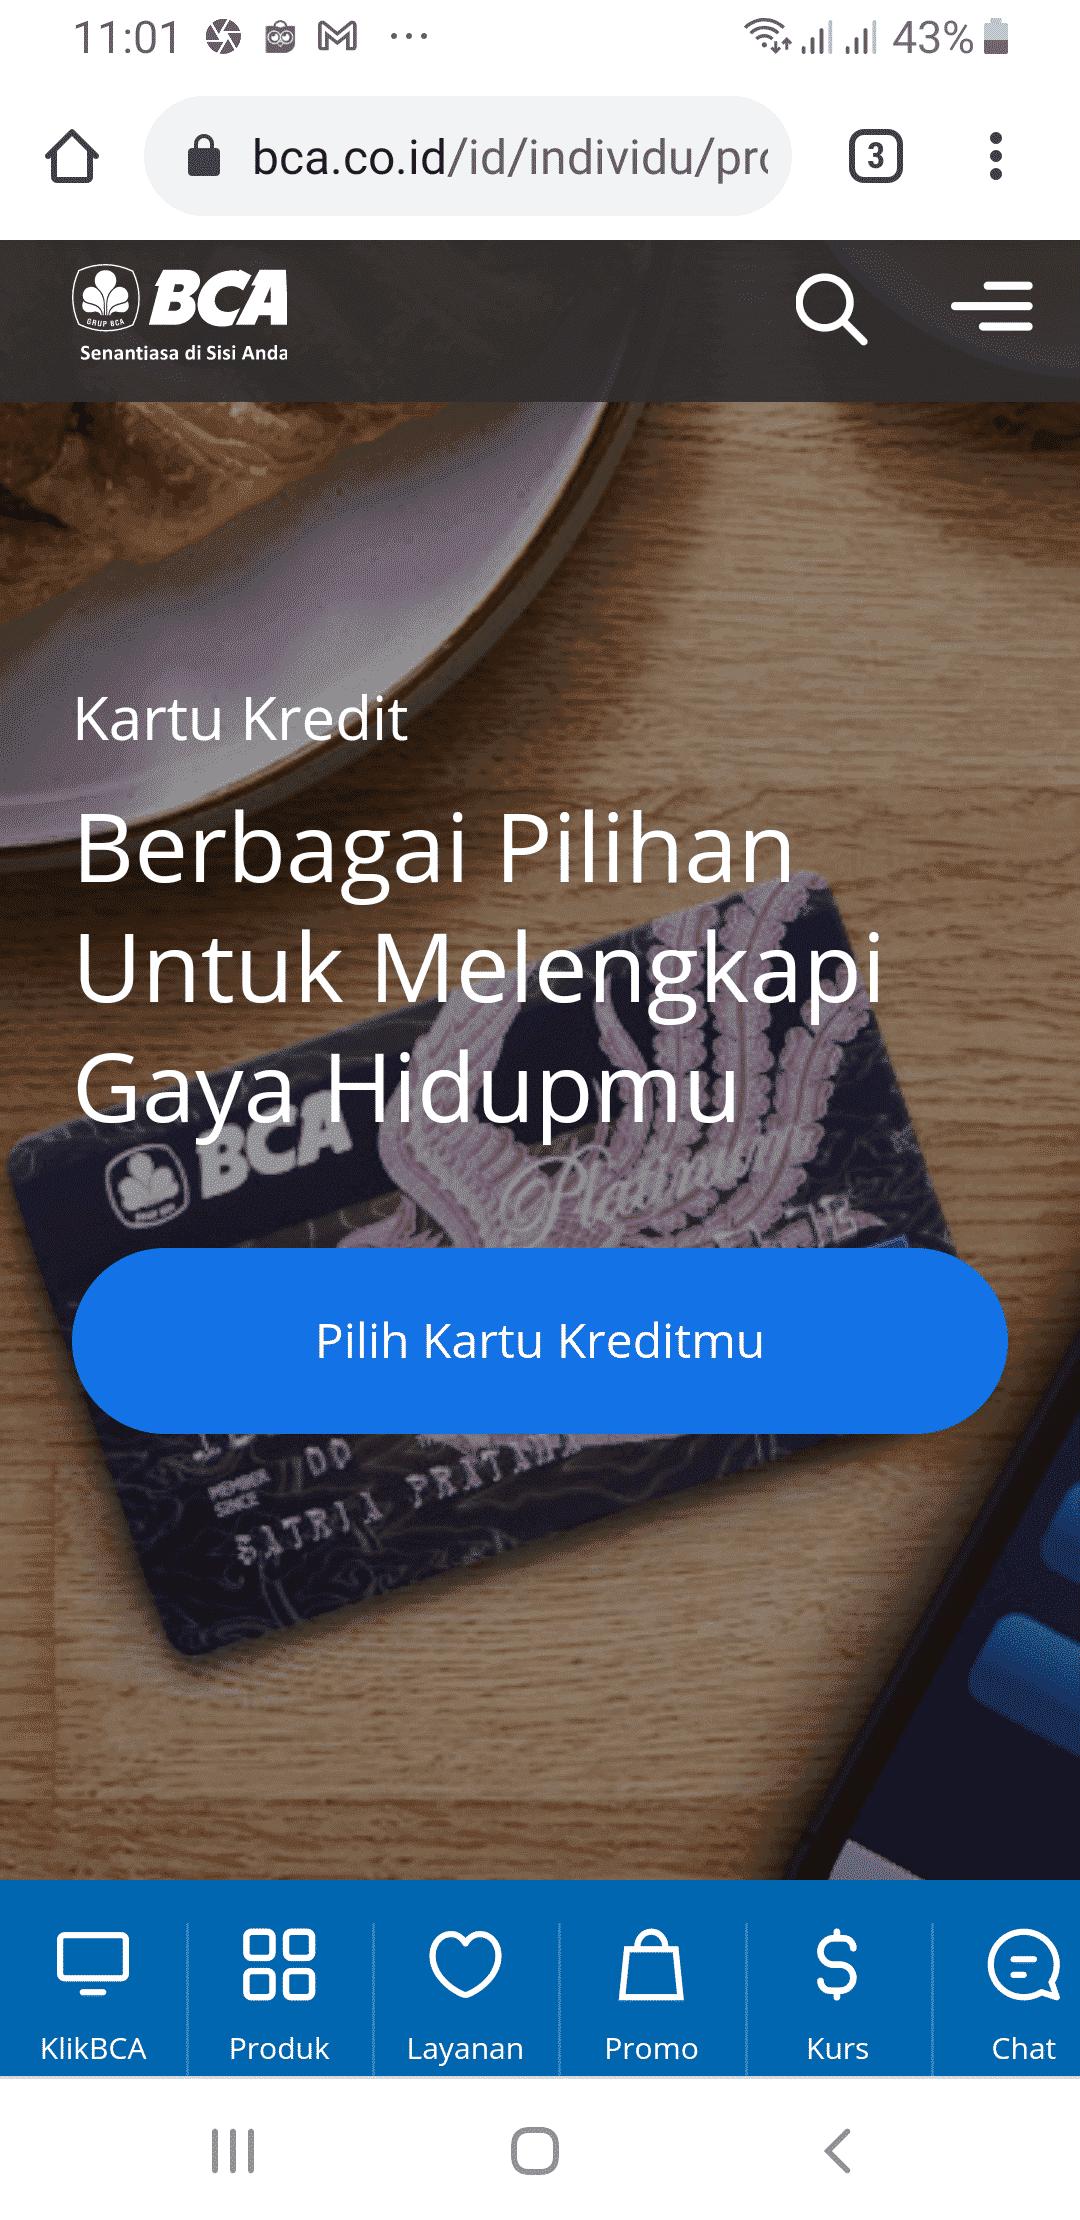 Kartu Kredit BCA Apply Online 1